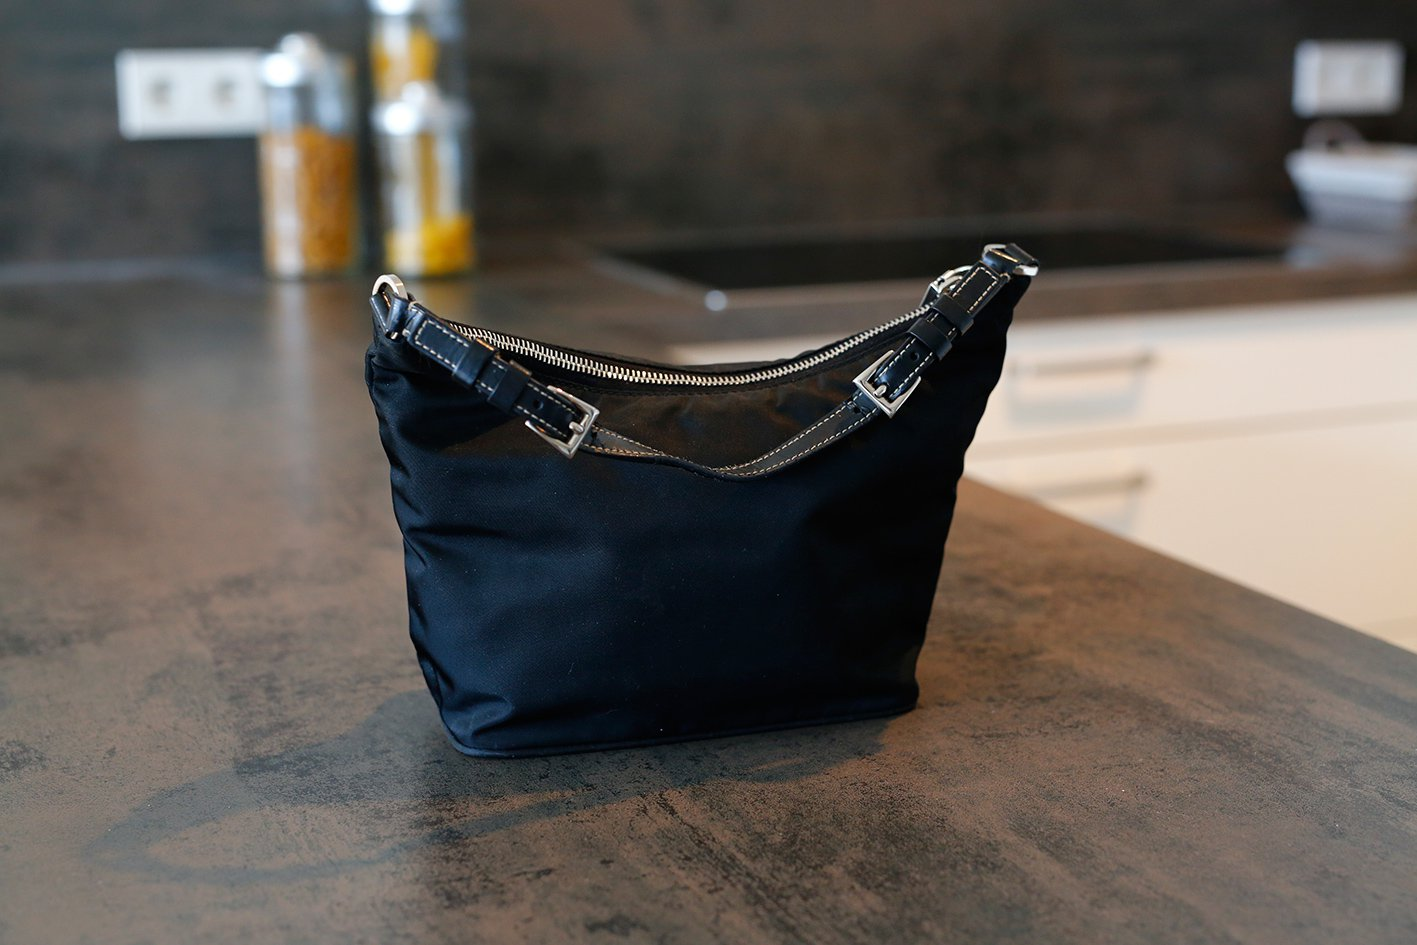 eda8753ac3e41 Prada Tasche Clutch schwarz Nylon    Kleiderkorb.de